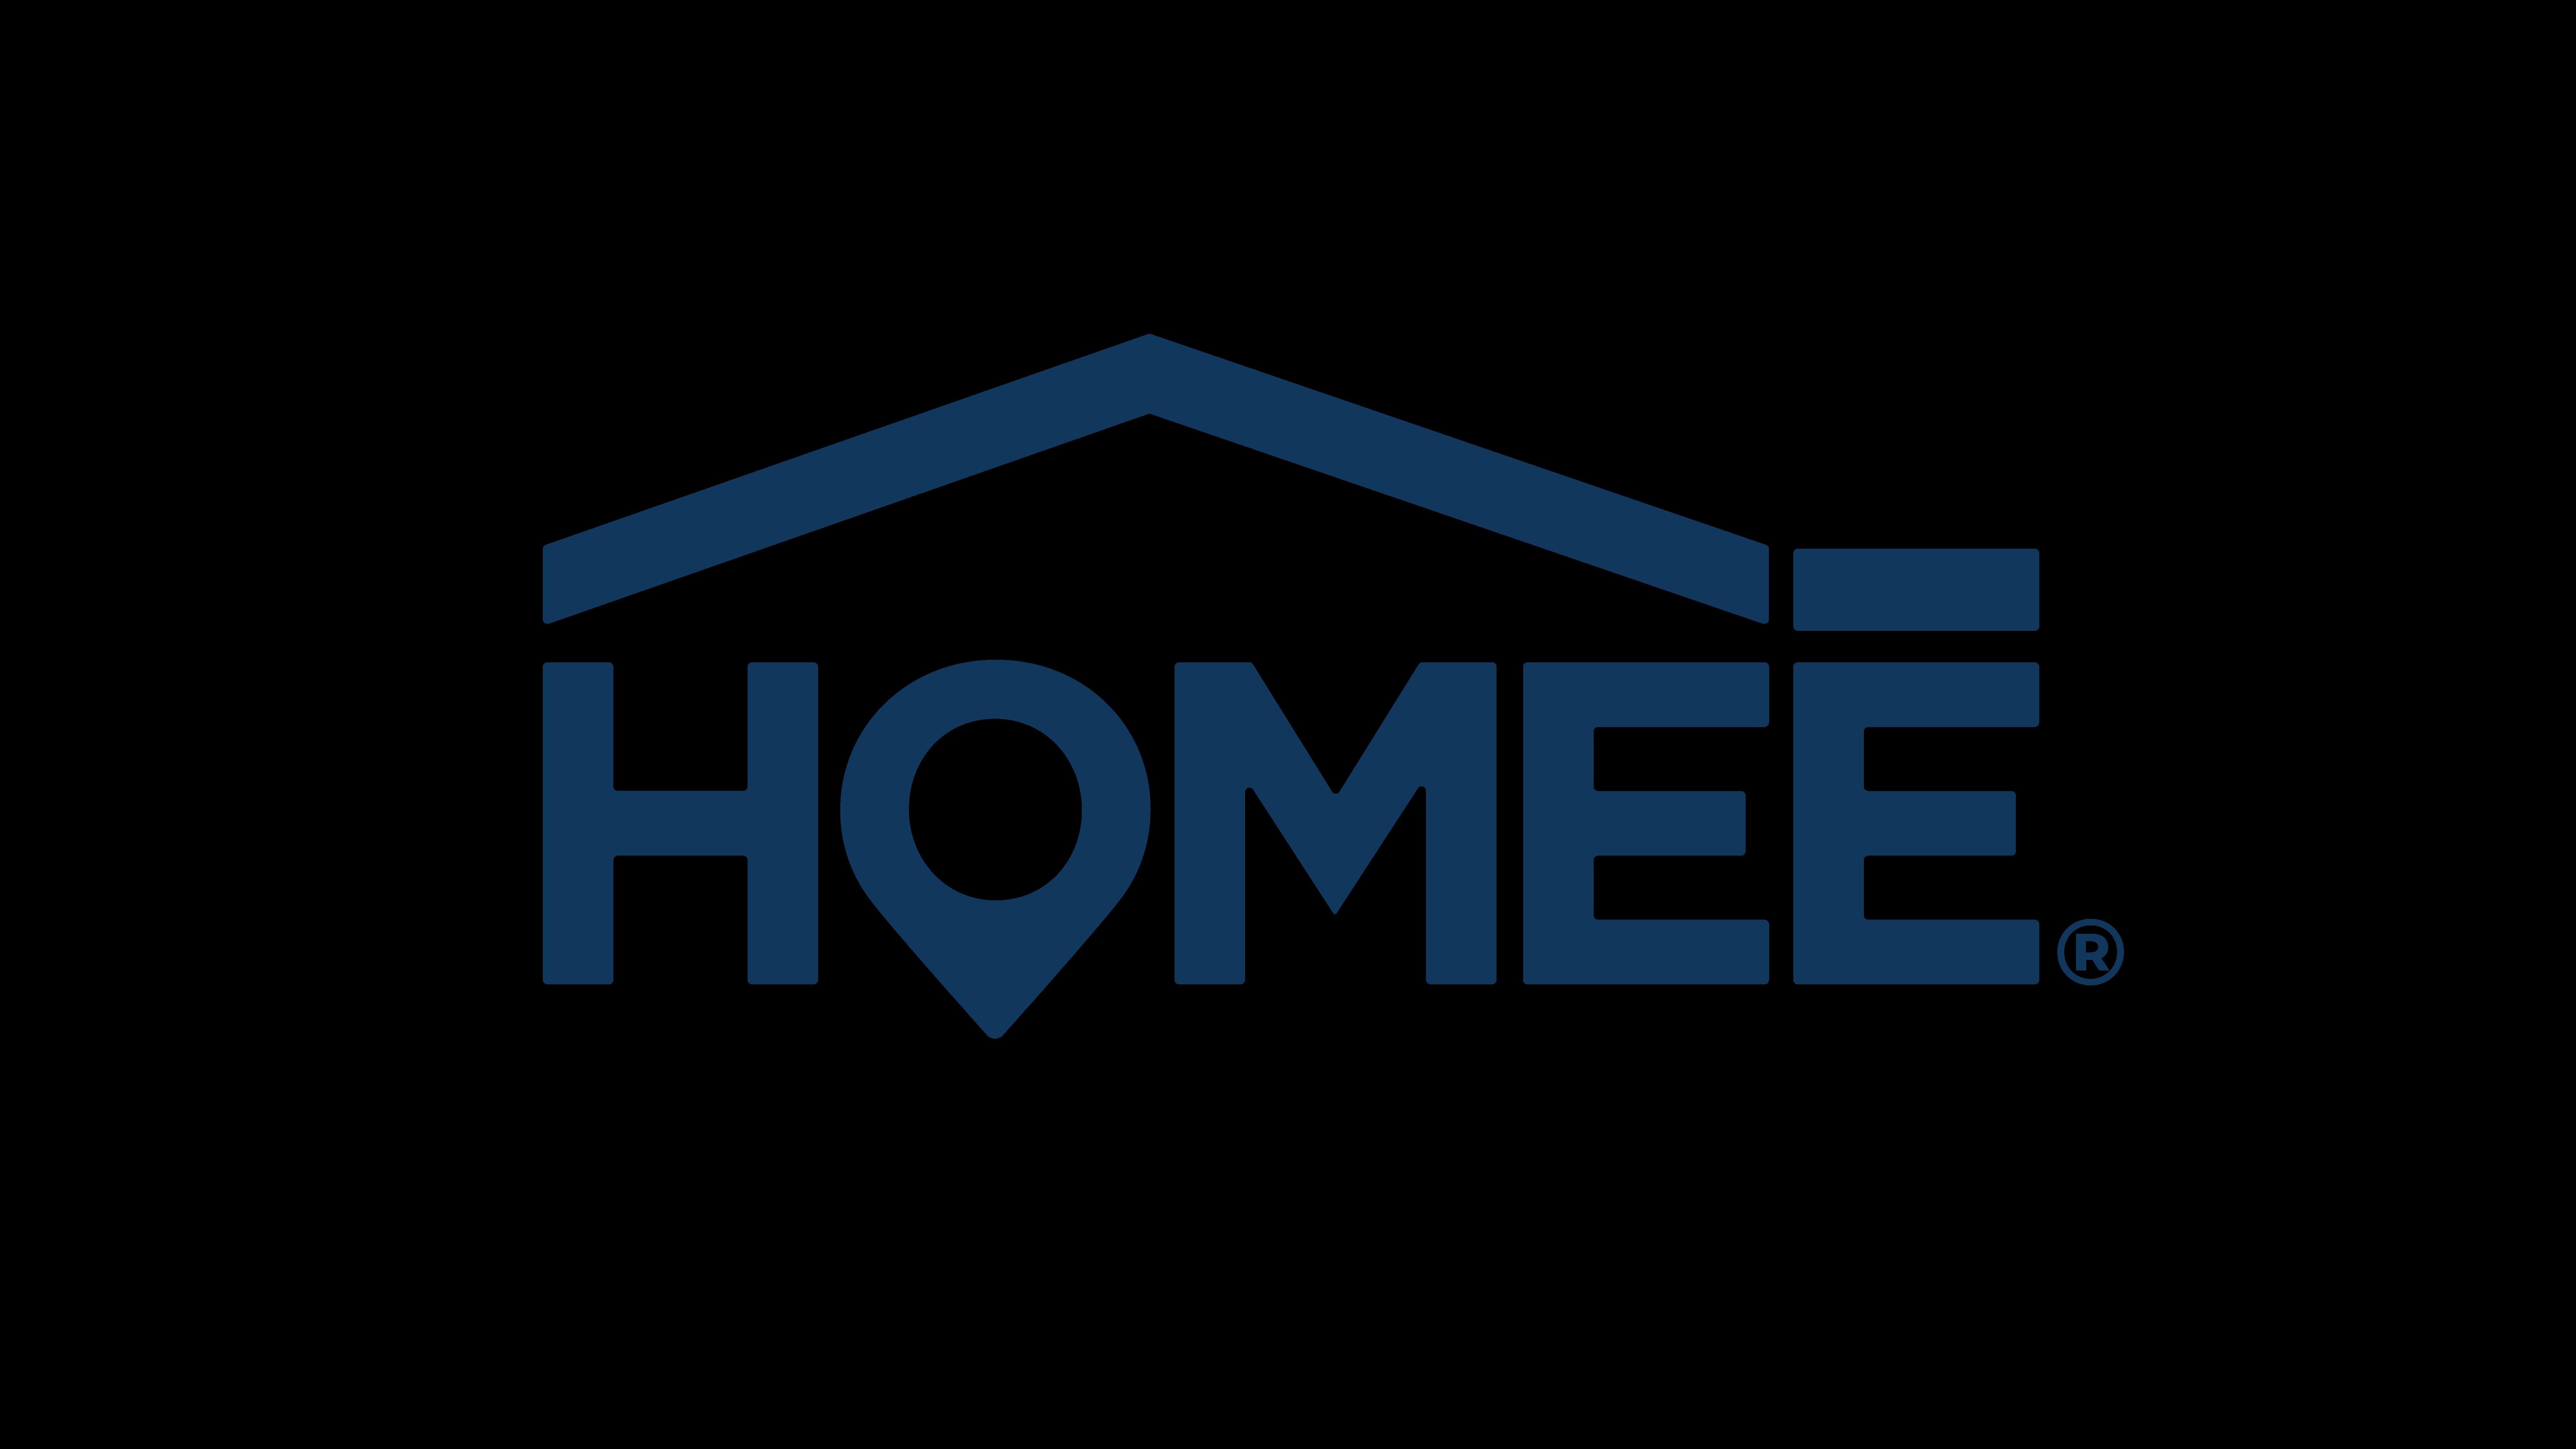 HOMEE Secures $17 Million Series B-2 Financing